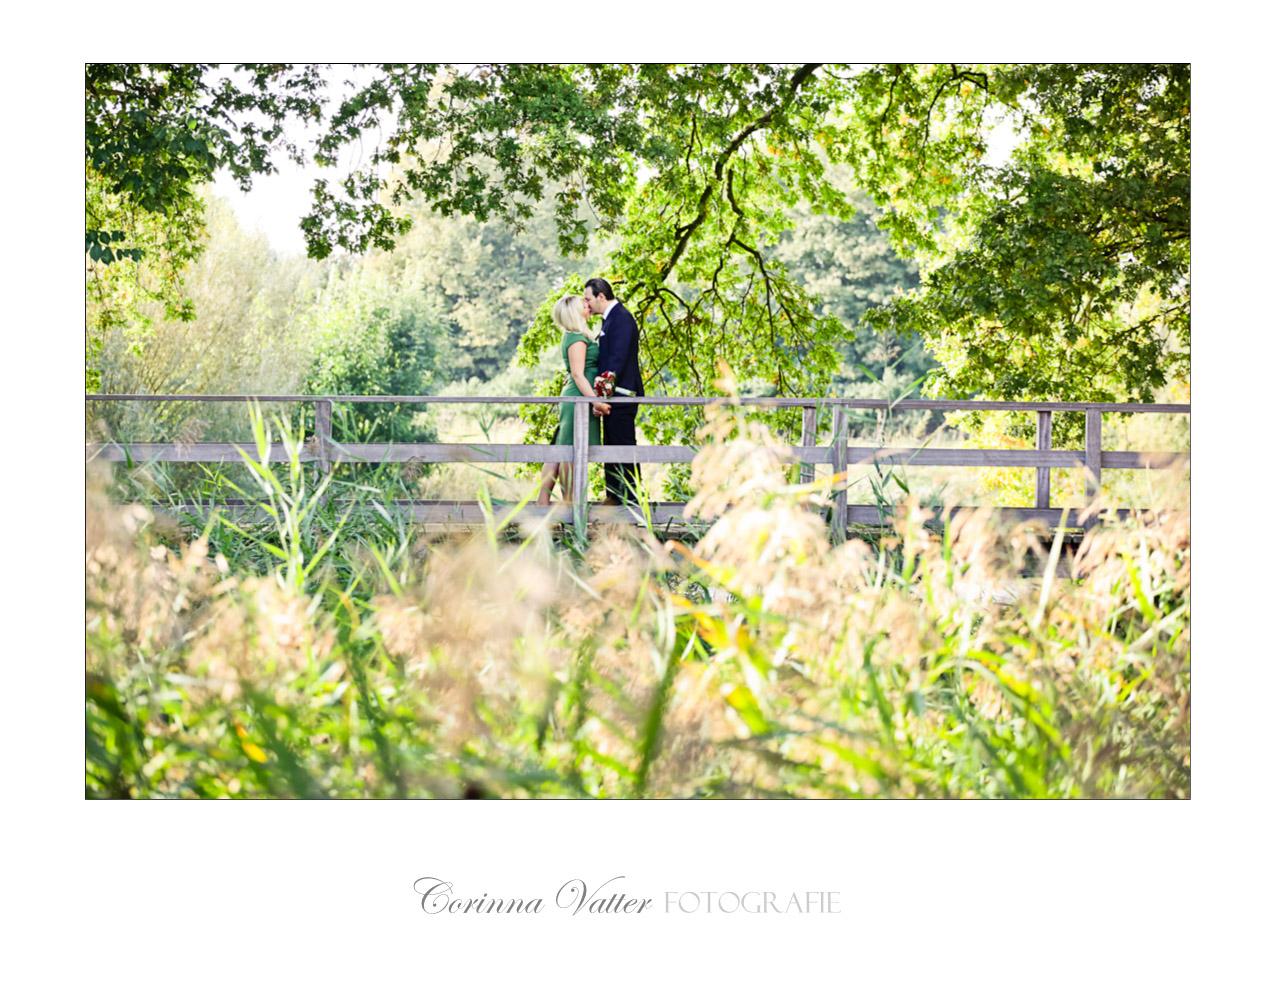 Hochzeitsfotograf in Burg Boetzelaer Kalkar | heiraten in Burg Boetzelaer